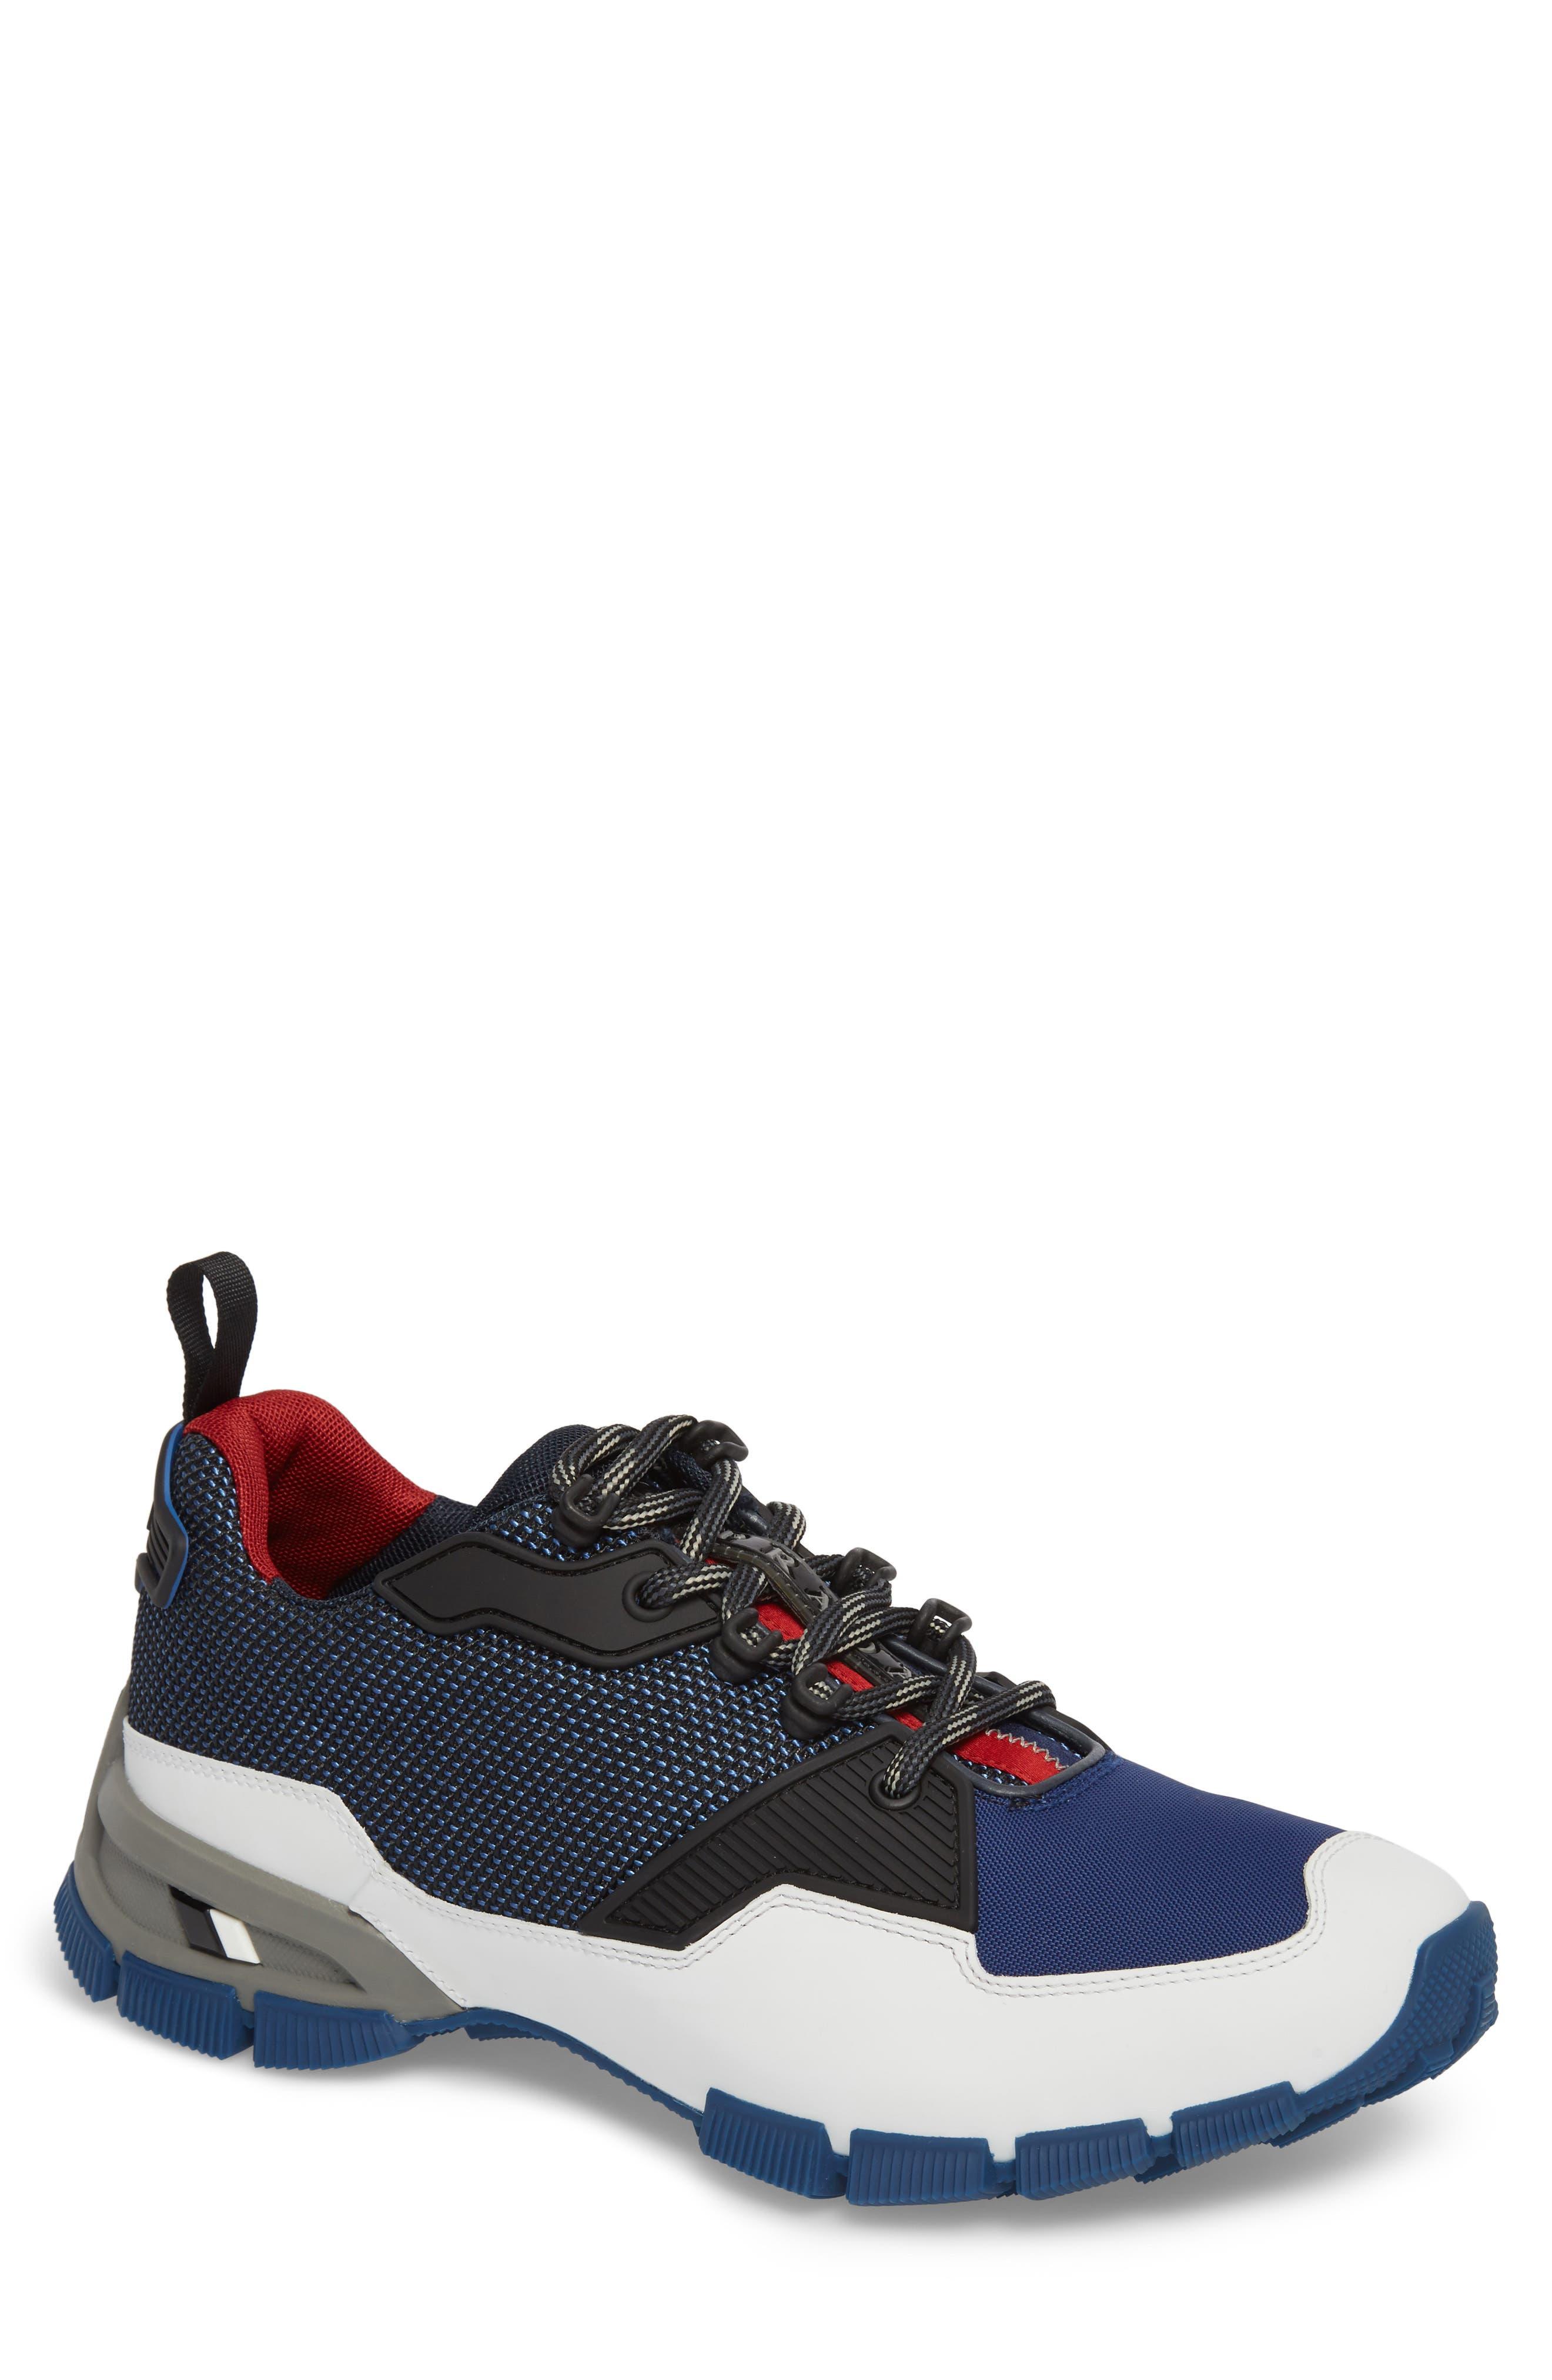 Prada Linea Rossa Tech Lug Sneaker (Men)